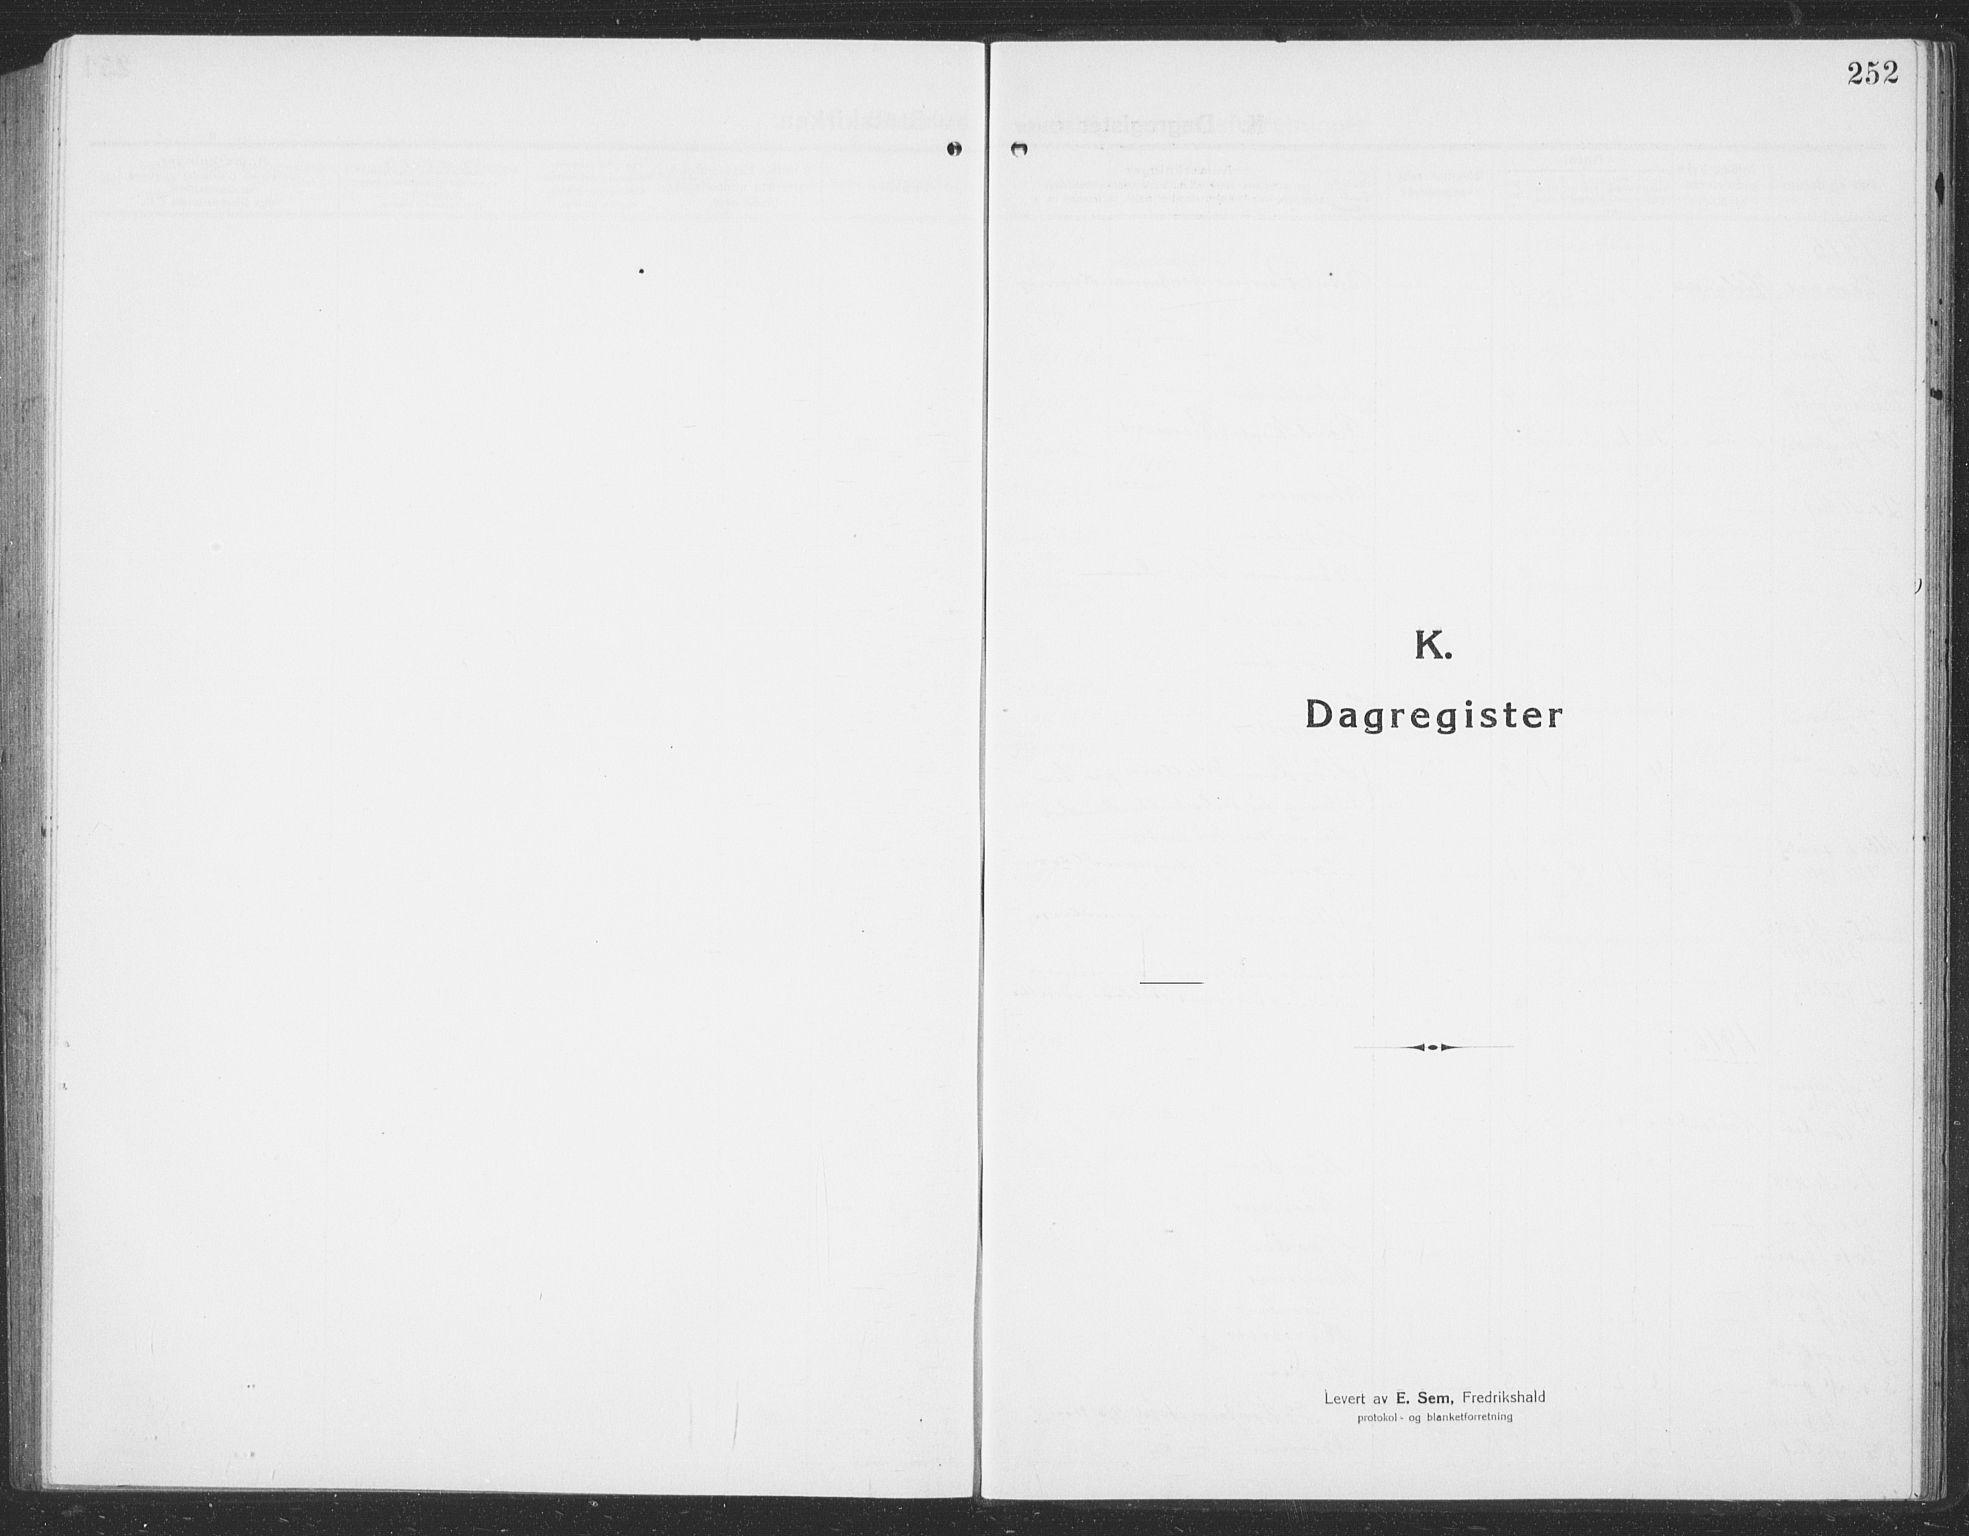 SAT, Ministerialprotokoller, klokkerbøker og fødselsregistre - Sør-Trøndelag, 694/L1134: Klokkerbok nr. 694C06, 1915-1937, s. 252